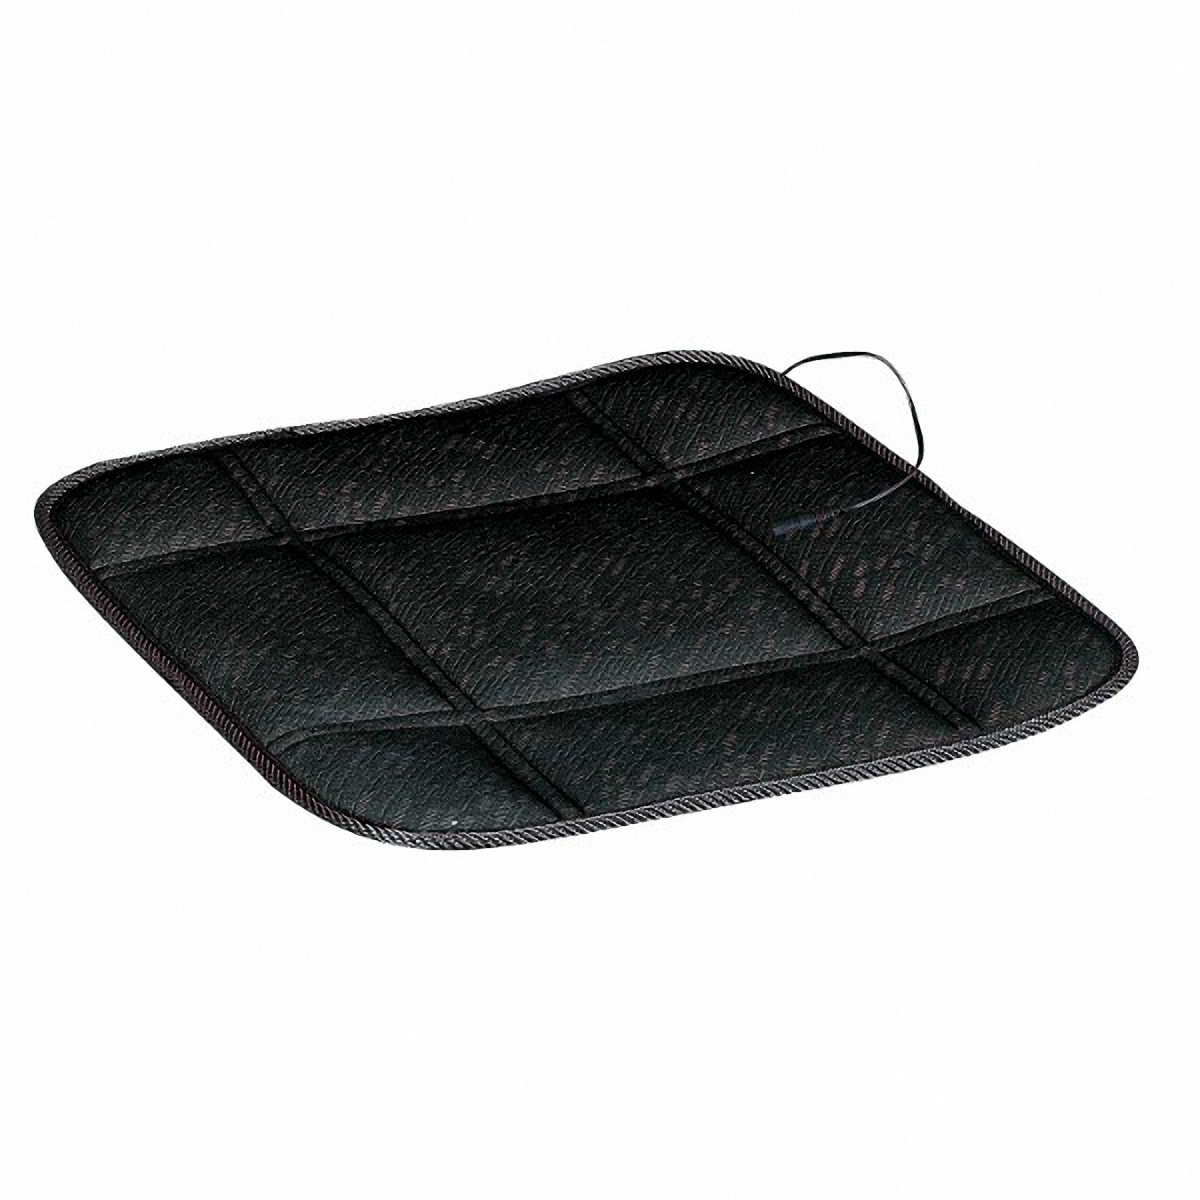 Подогрев для сиденья Skyway, без спинки, цвет: черный, 43 х 43 смS01303001В подогреве для сиденья Skyway в качестве теплоносителя применяется углеродный материал. Такой нагреватель обладает феноменальной гибкостью и прочностью на разрыв в отличие от аналогов, изготовленных из медного или иного металлического провода.Особенности:- Универсальный размер.- Снижает усталость при управлении автомобилем.- Обеспечивает комфортное вождение в холодное время года.- Простая и быстрая установка.- Быстрый и интенсивный режим нагрева.- Защита крепления шнура питания к подогреву.Устройство подключается к прикуривателю на 12ВСила тока: 2,5-3 А.Напряжение: 12В.